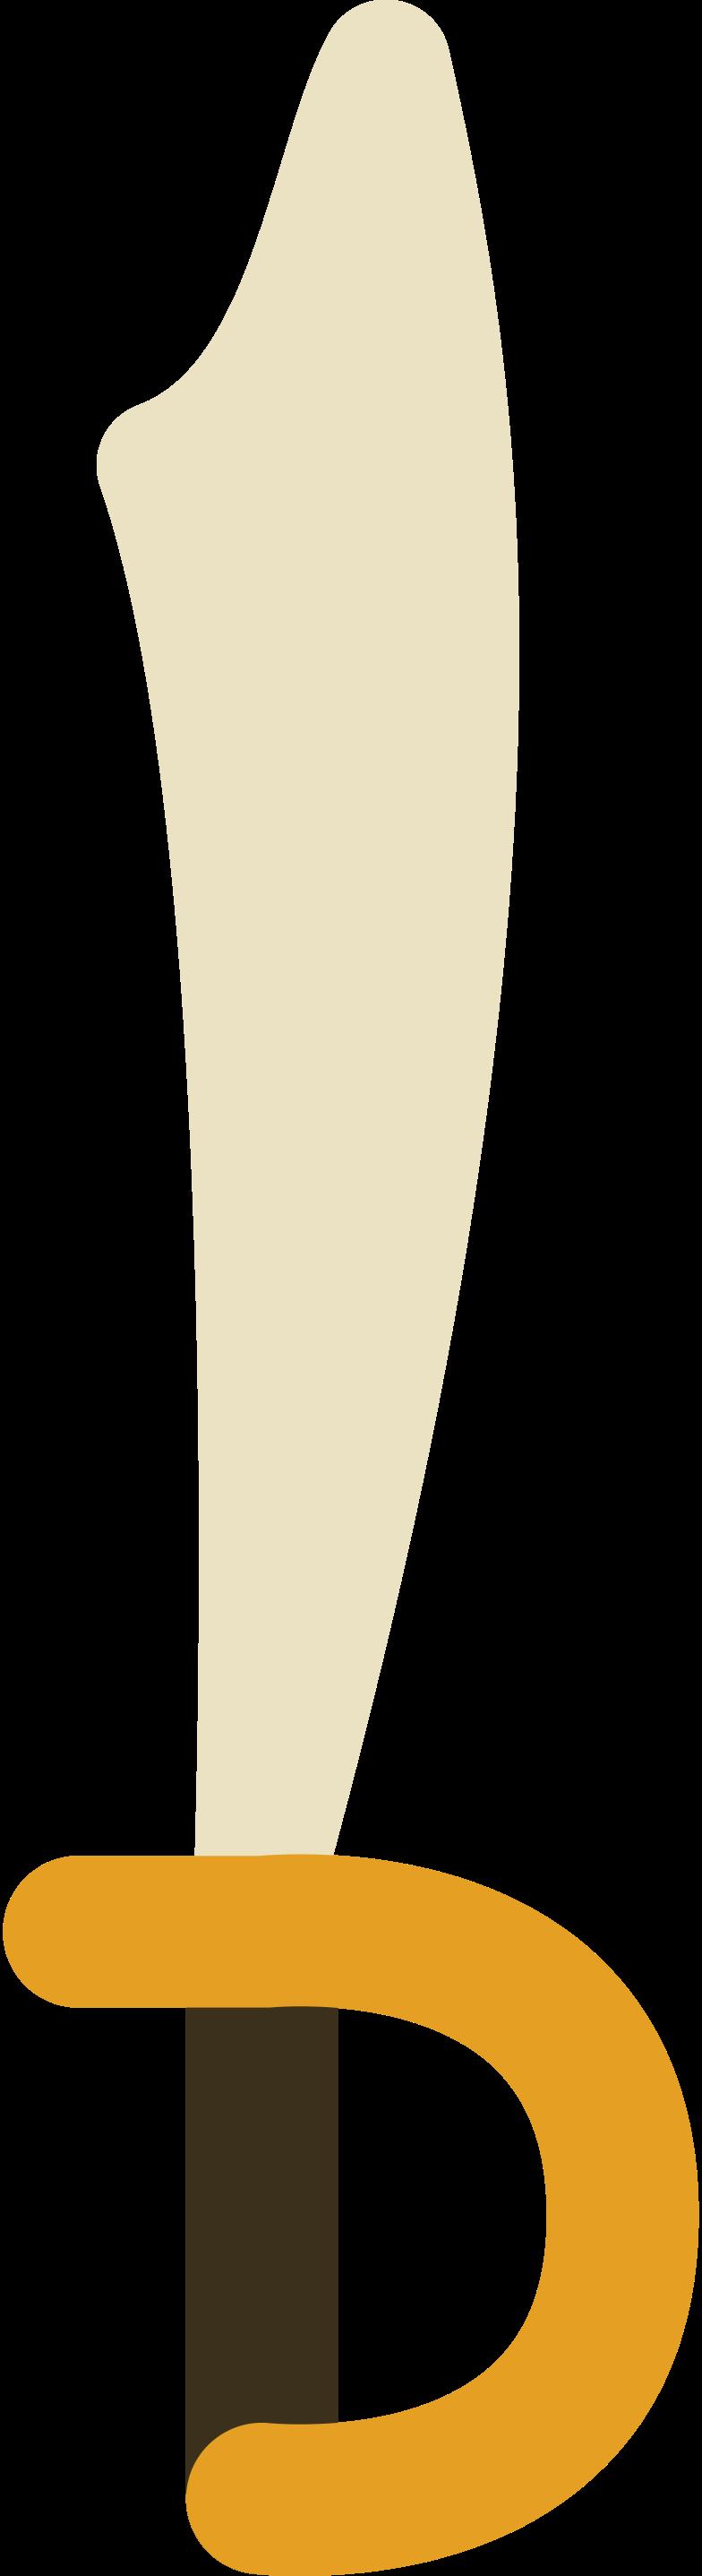 sword sabre Clipart illustration in PNG, SVG